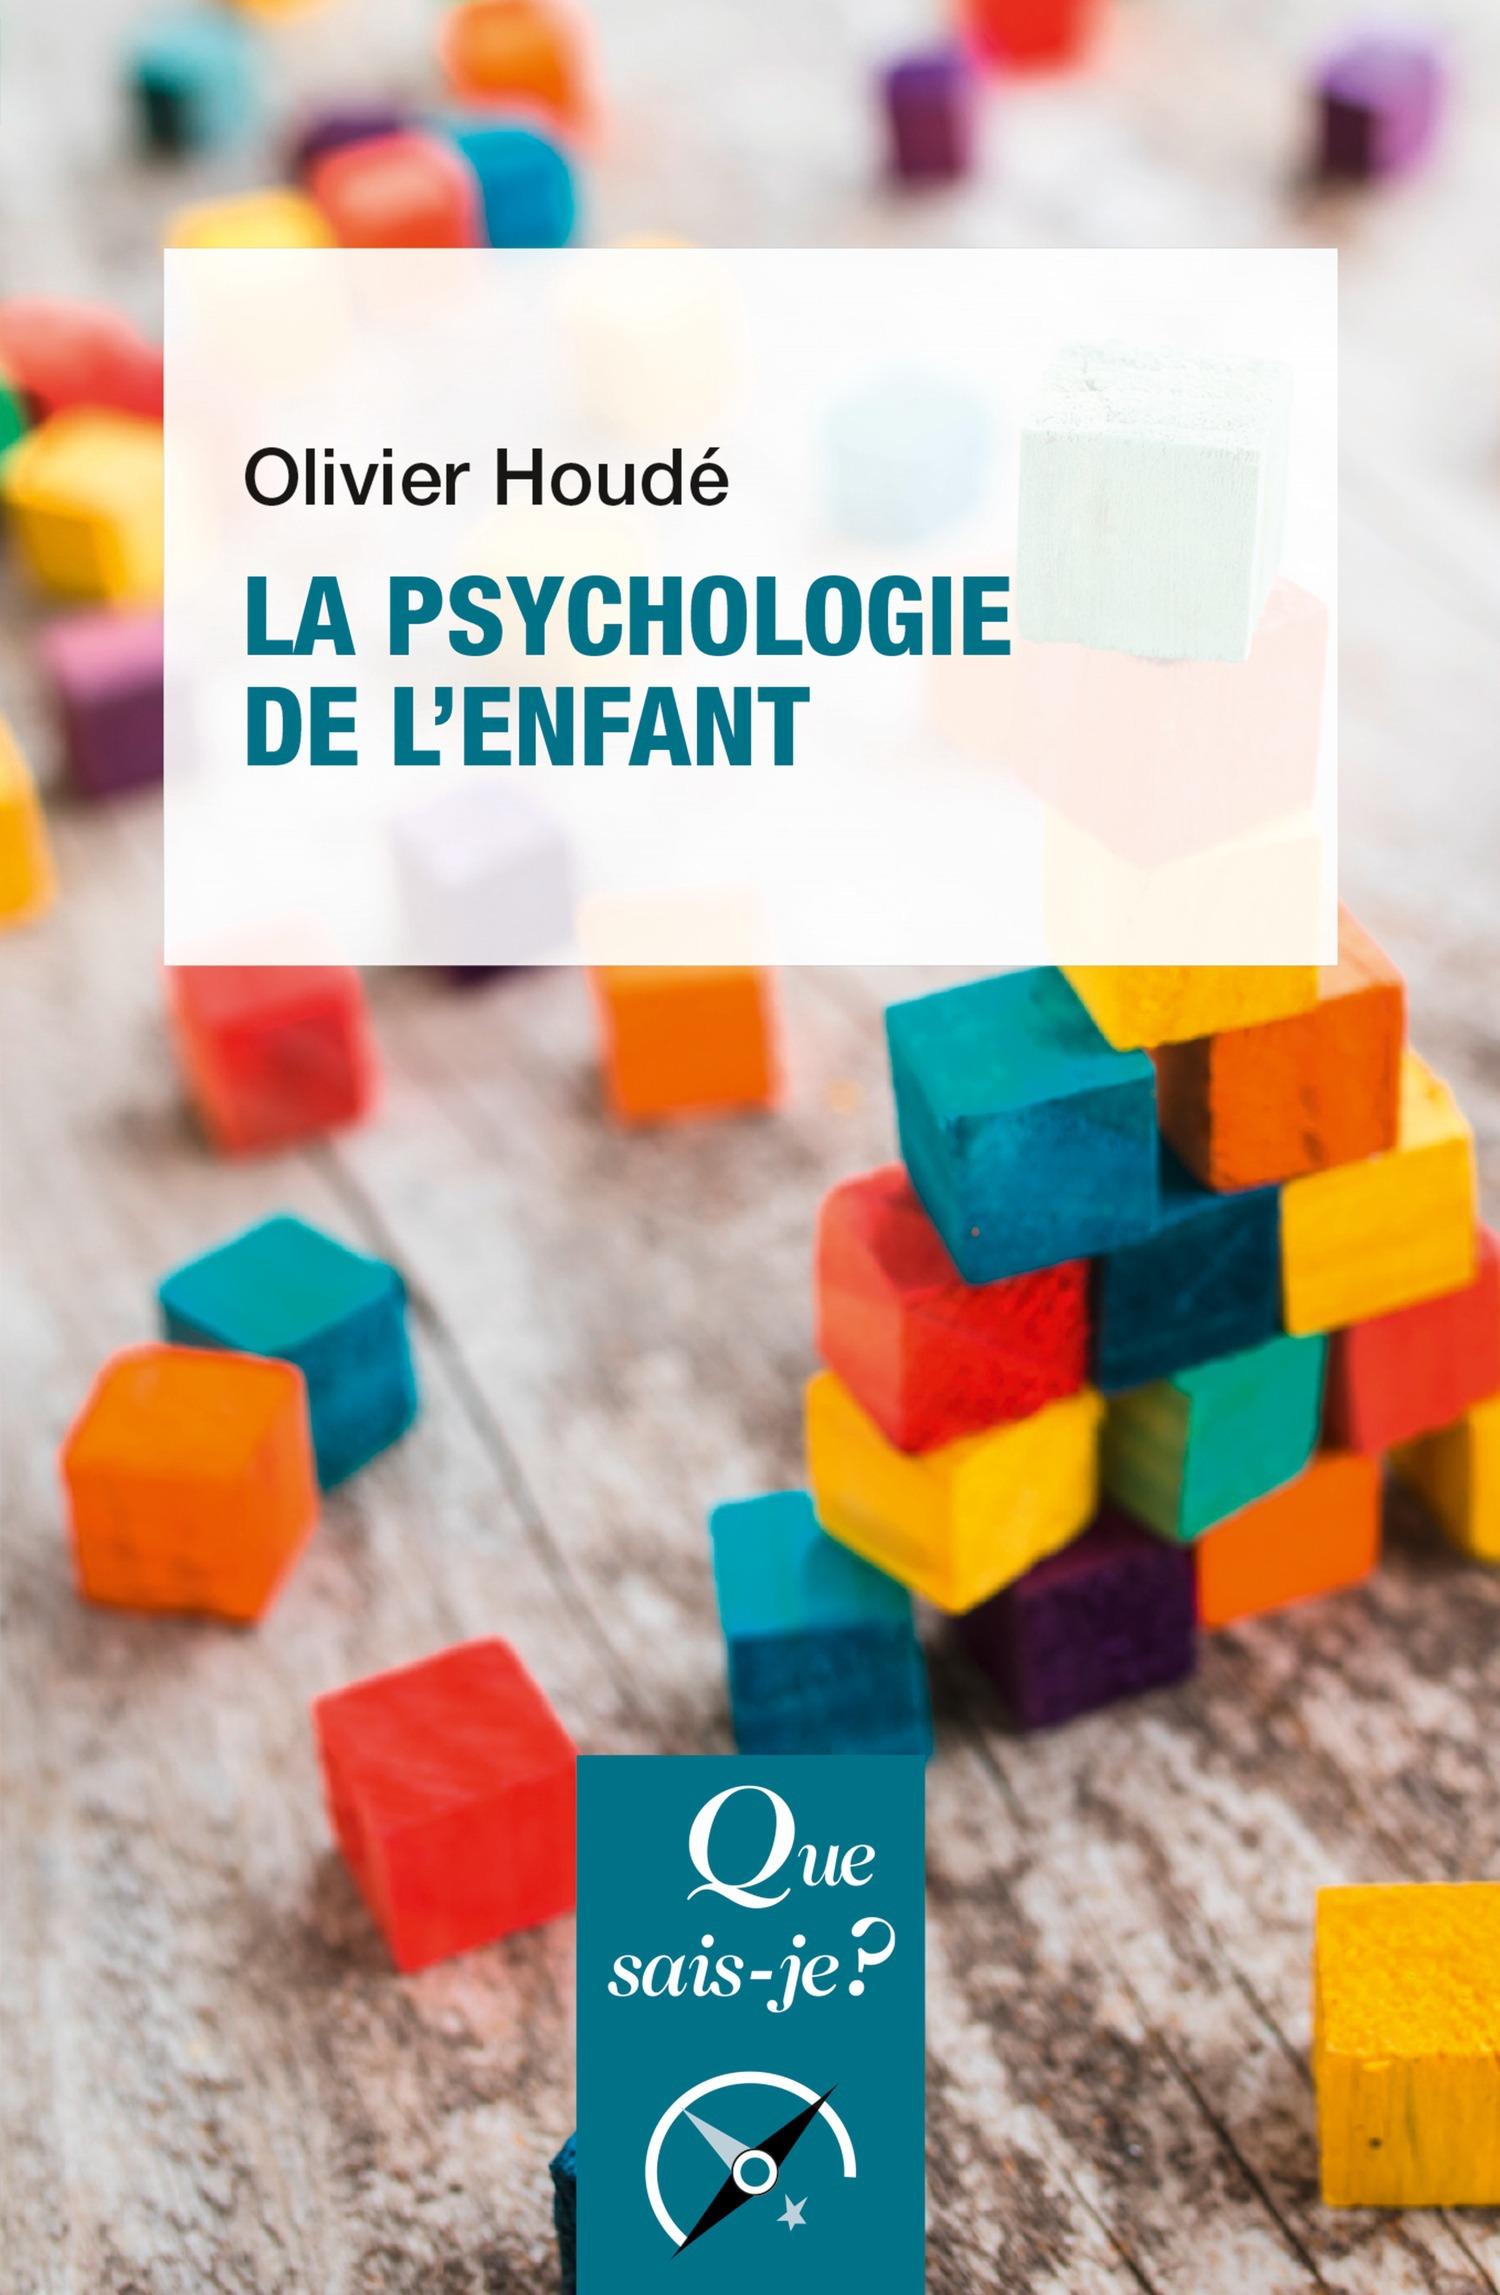 La psychologie de l'enfant (8e édition)